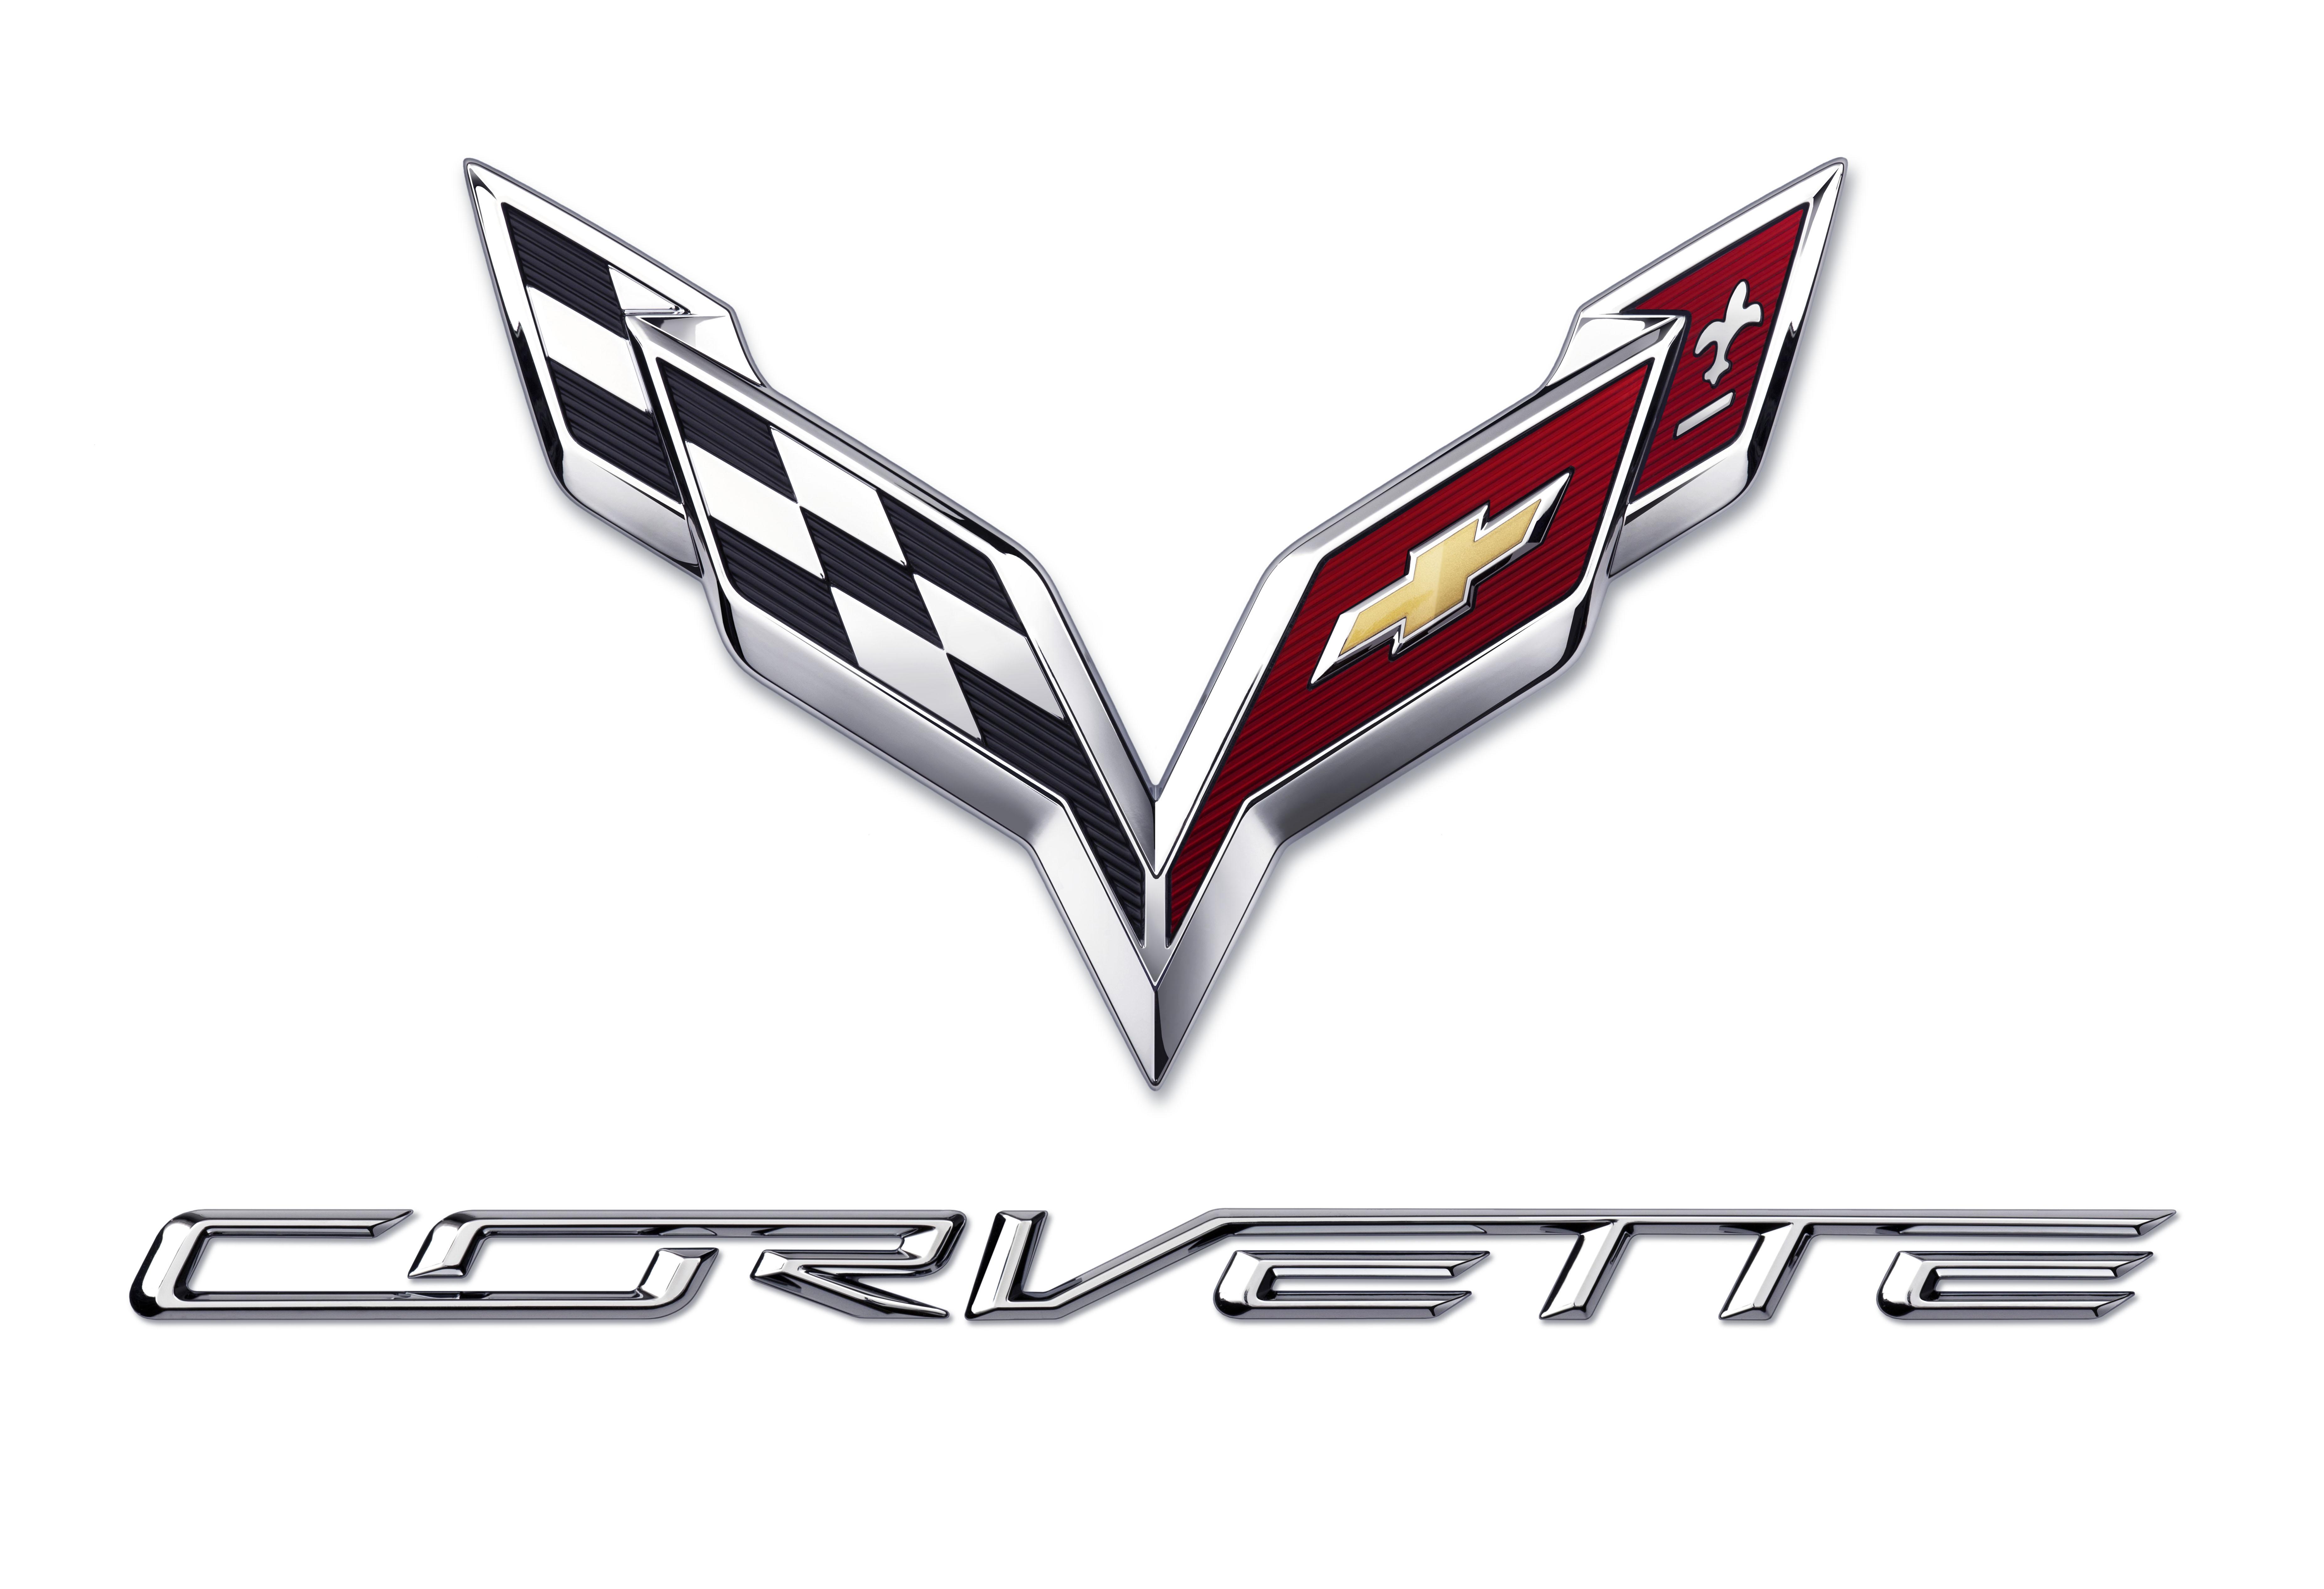 chevrolet logo. 1280 875 u2014 009497642517089844 mb 7408 5065 17281818389892578 chevrolet logo